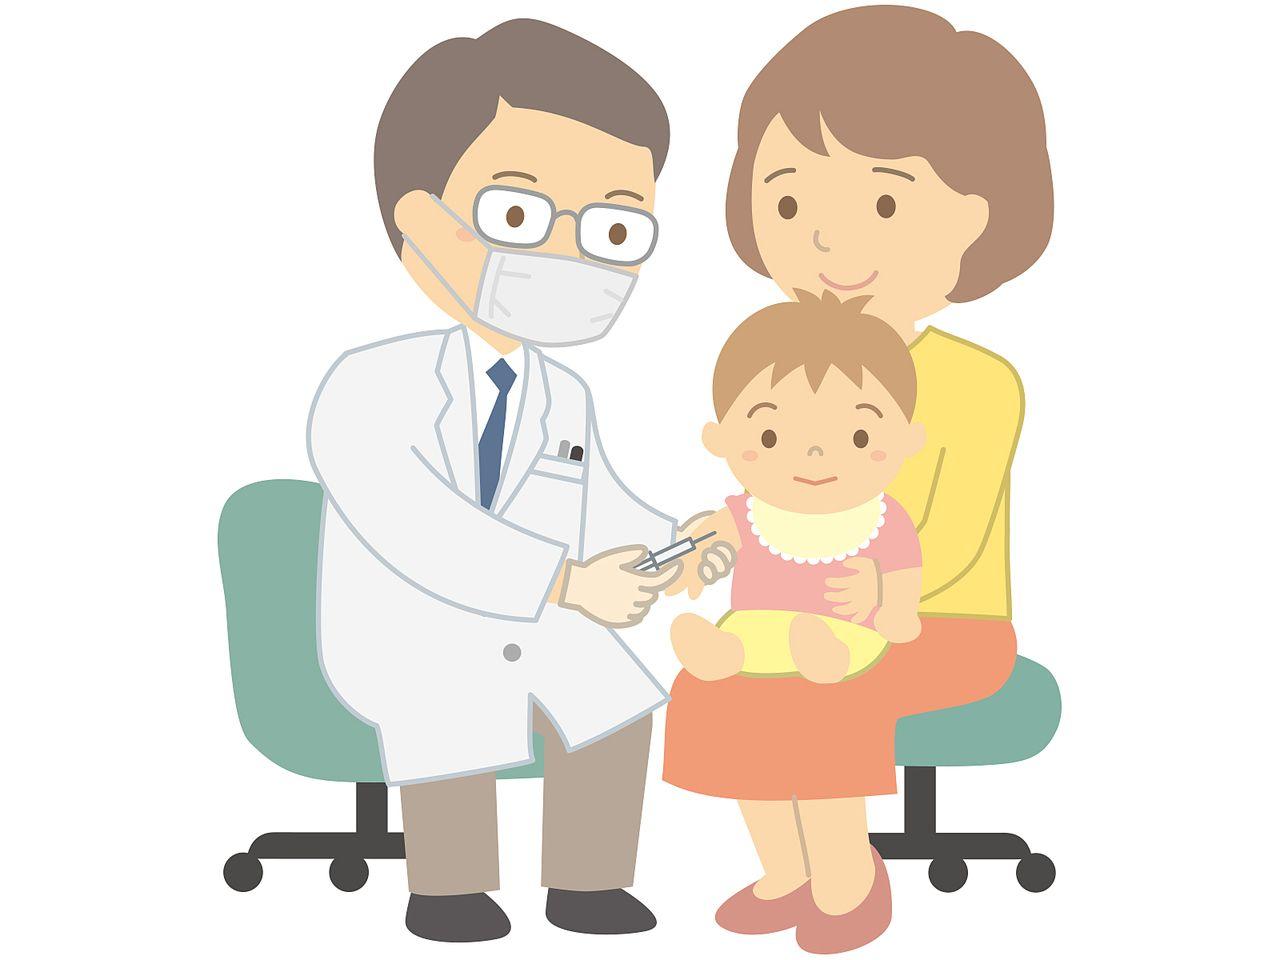 こいけクリニック 四万十市の小児科・子ども向け病院情報~②近くて通いやすい町のお医者さん